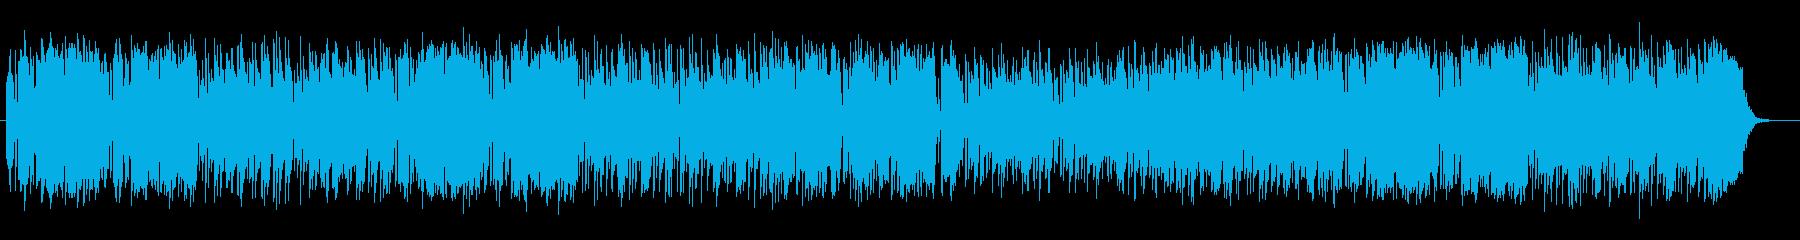 爽やかで朗らかなフルートサウンドの再生済みの波形